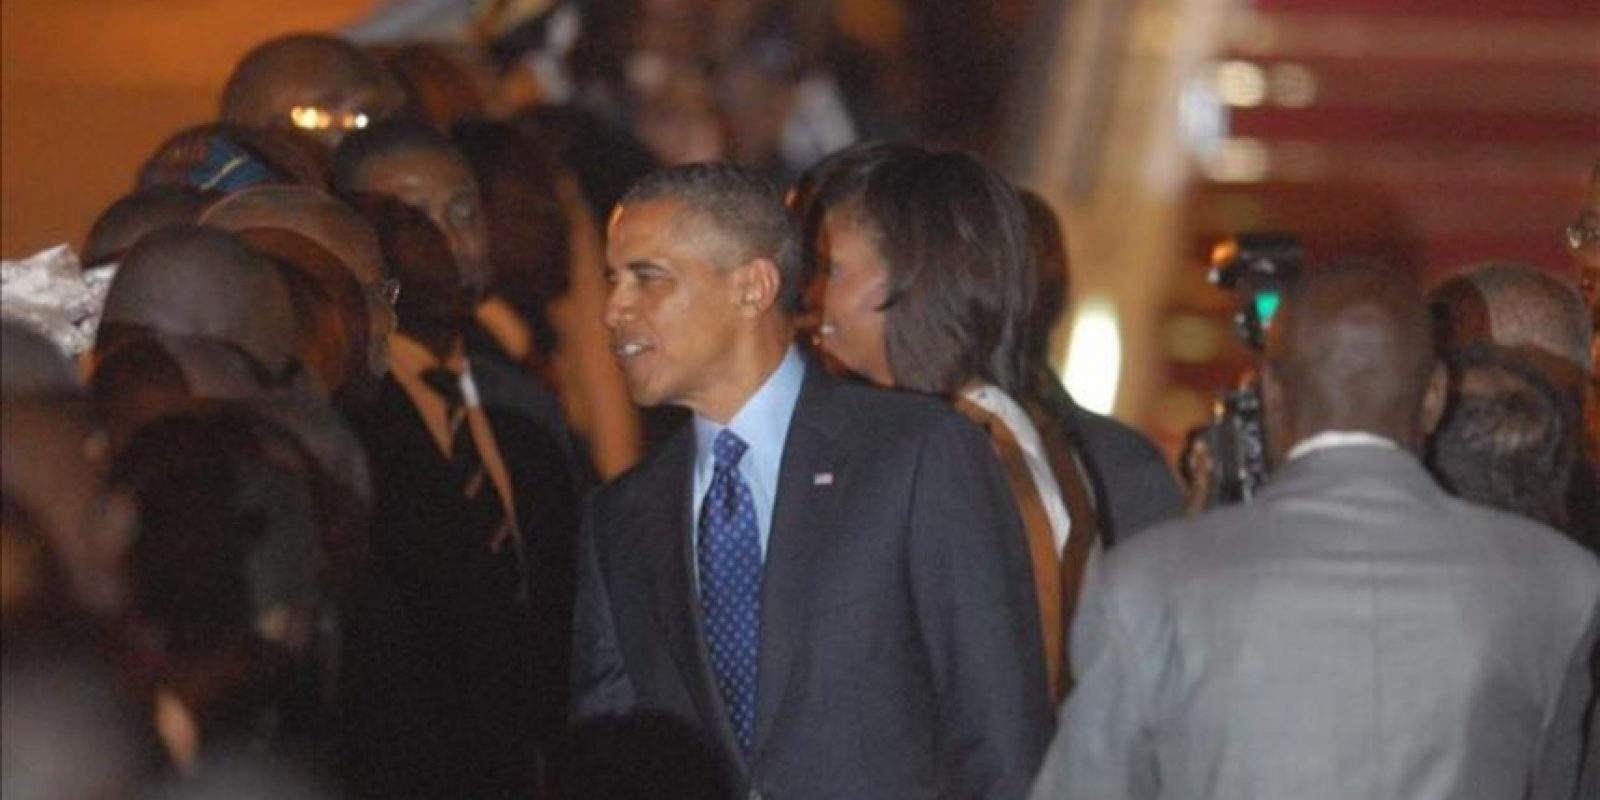 El presidente de los Estados Unidos Barack Obama (c) y su esposa Michelle (c-d) saludan a funcionarios senegaleses a su llegada a Dakar (Senegal). Este es el primer día su gira por África que incluye visitas a Sudáfrica y Tanzania, además de sus tres días en Senegal. EFE